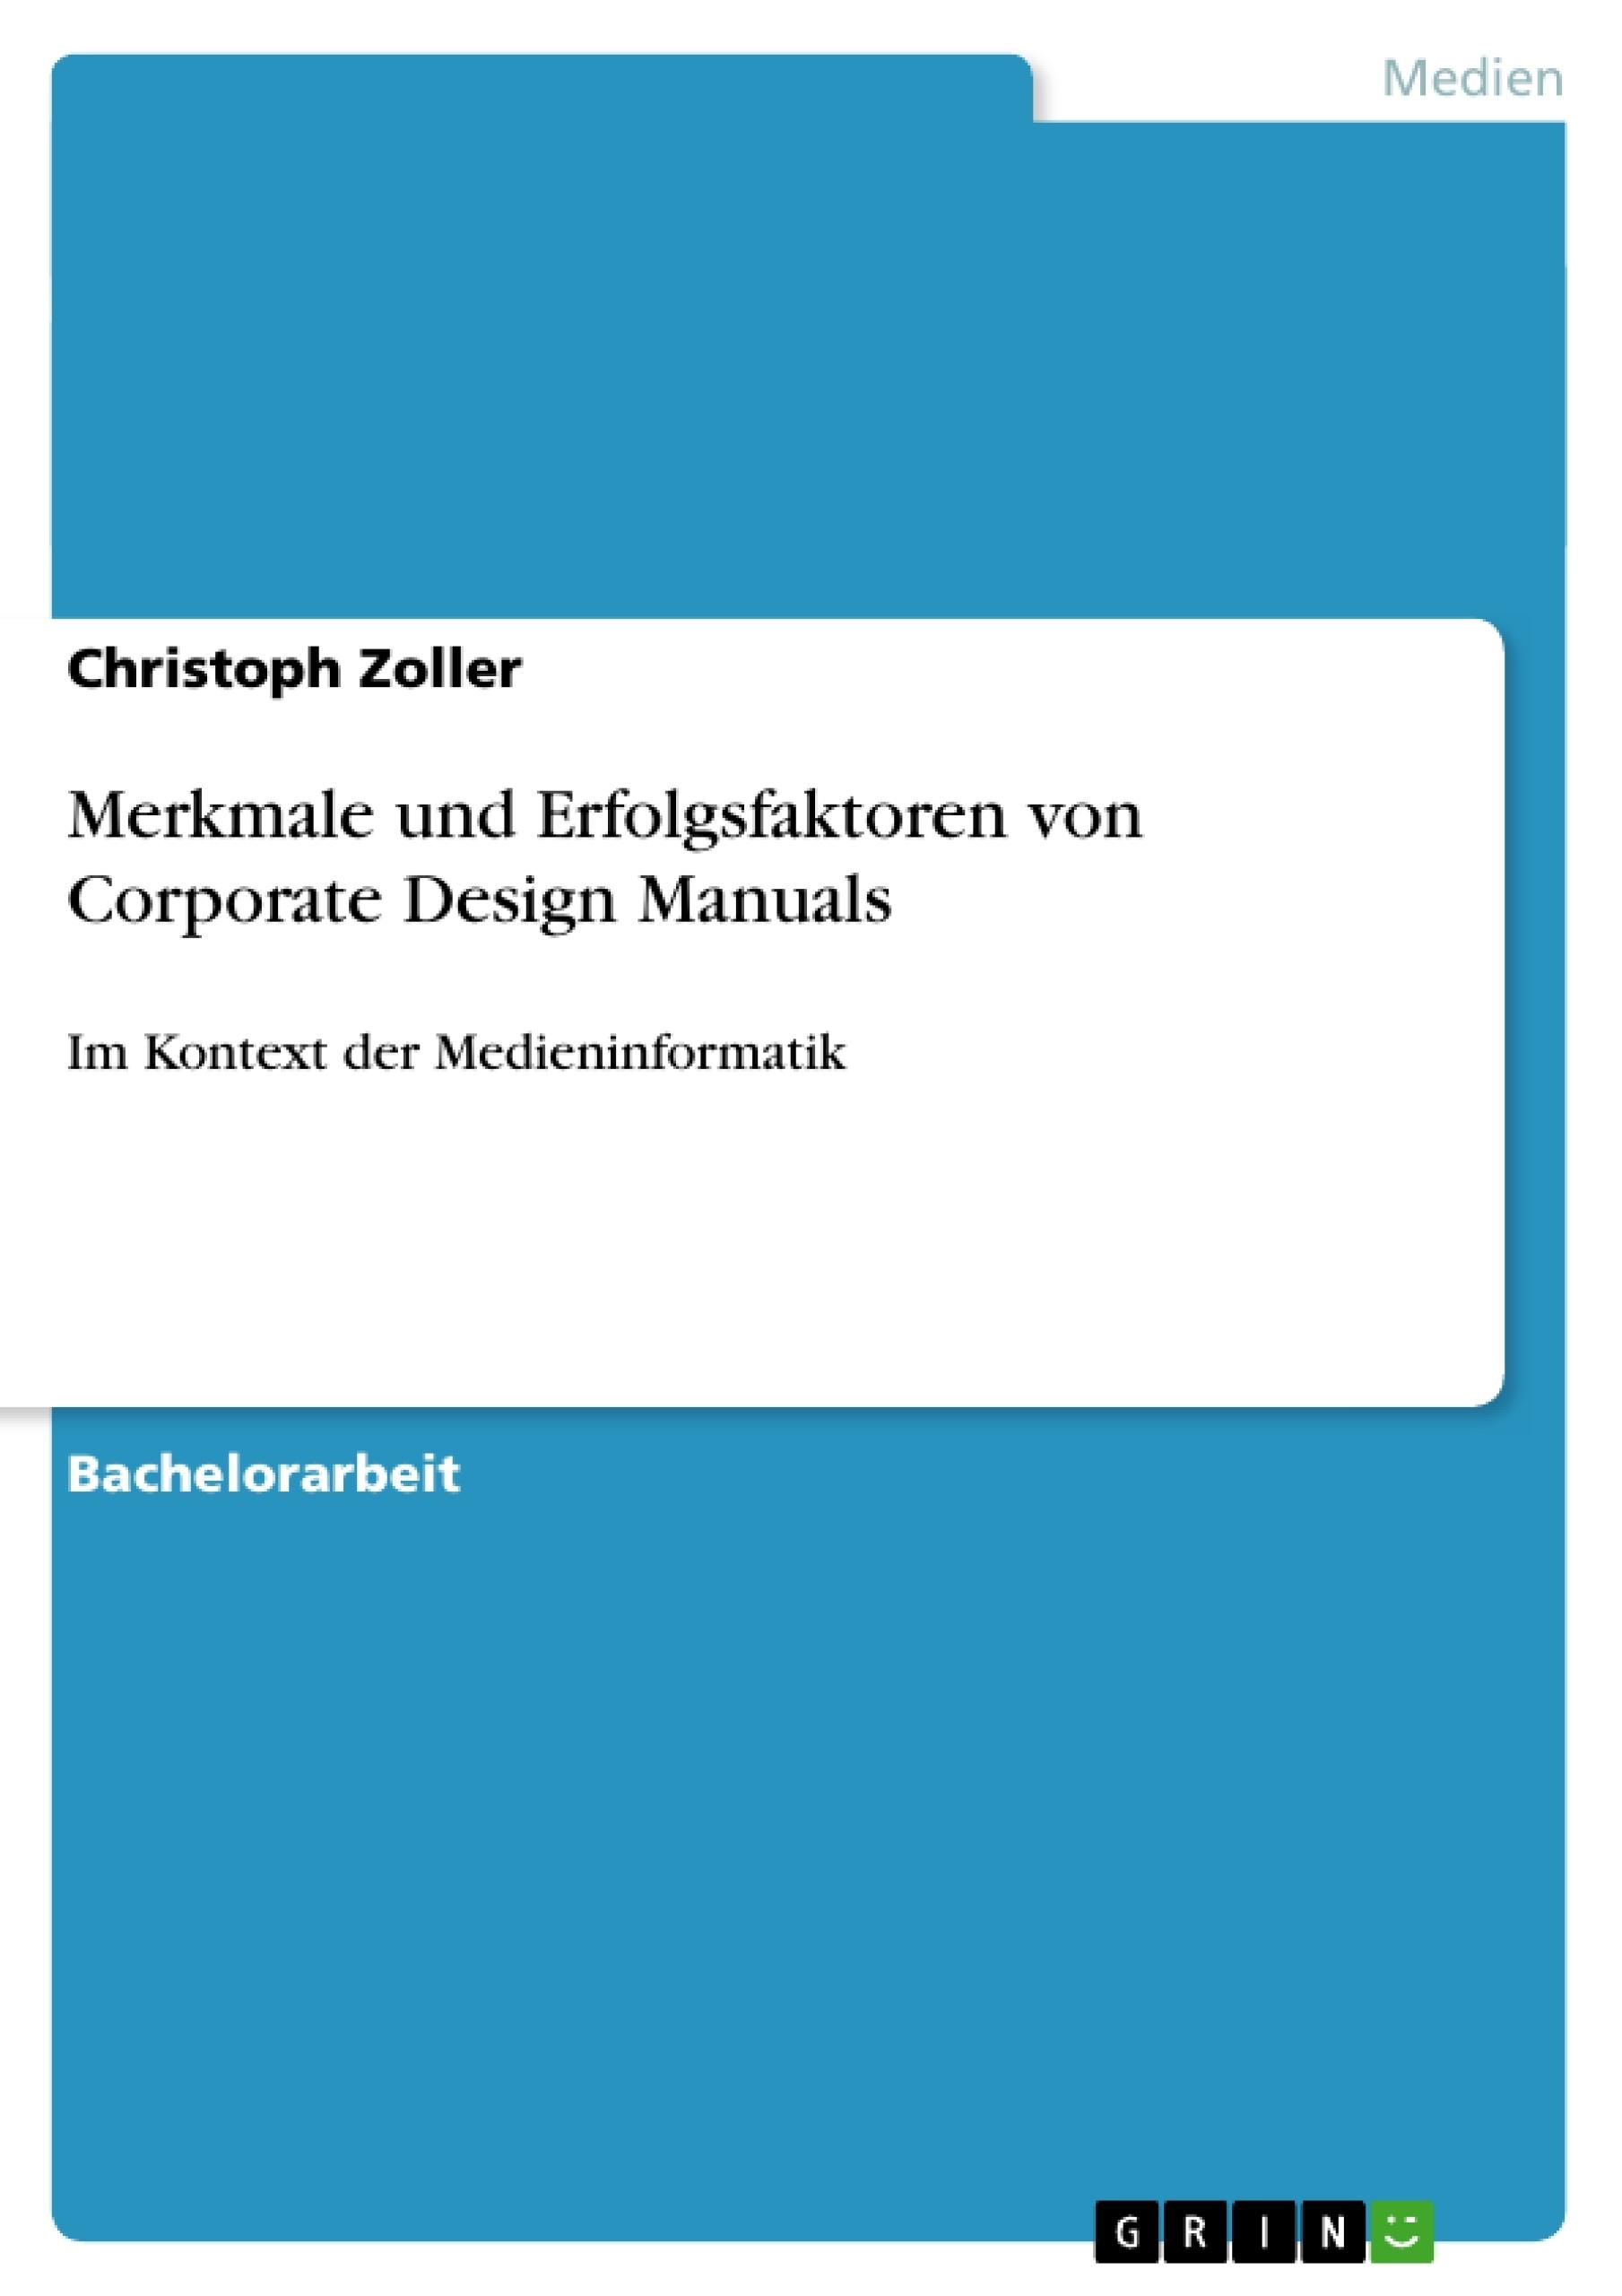 Titel: Merkmale und Erfolgsfaktoren von Corporate Design Manuals